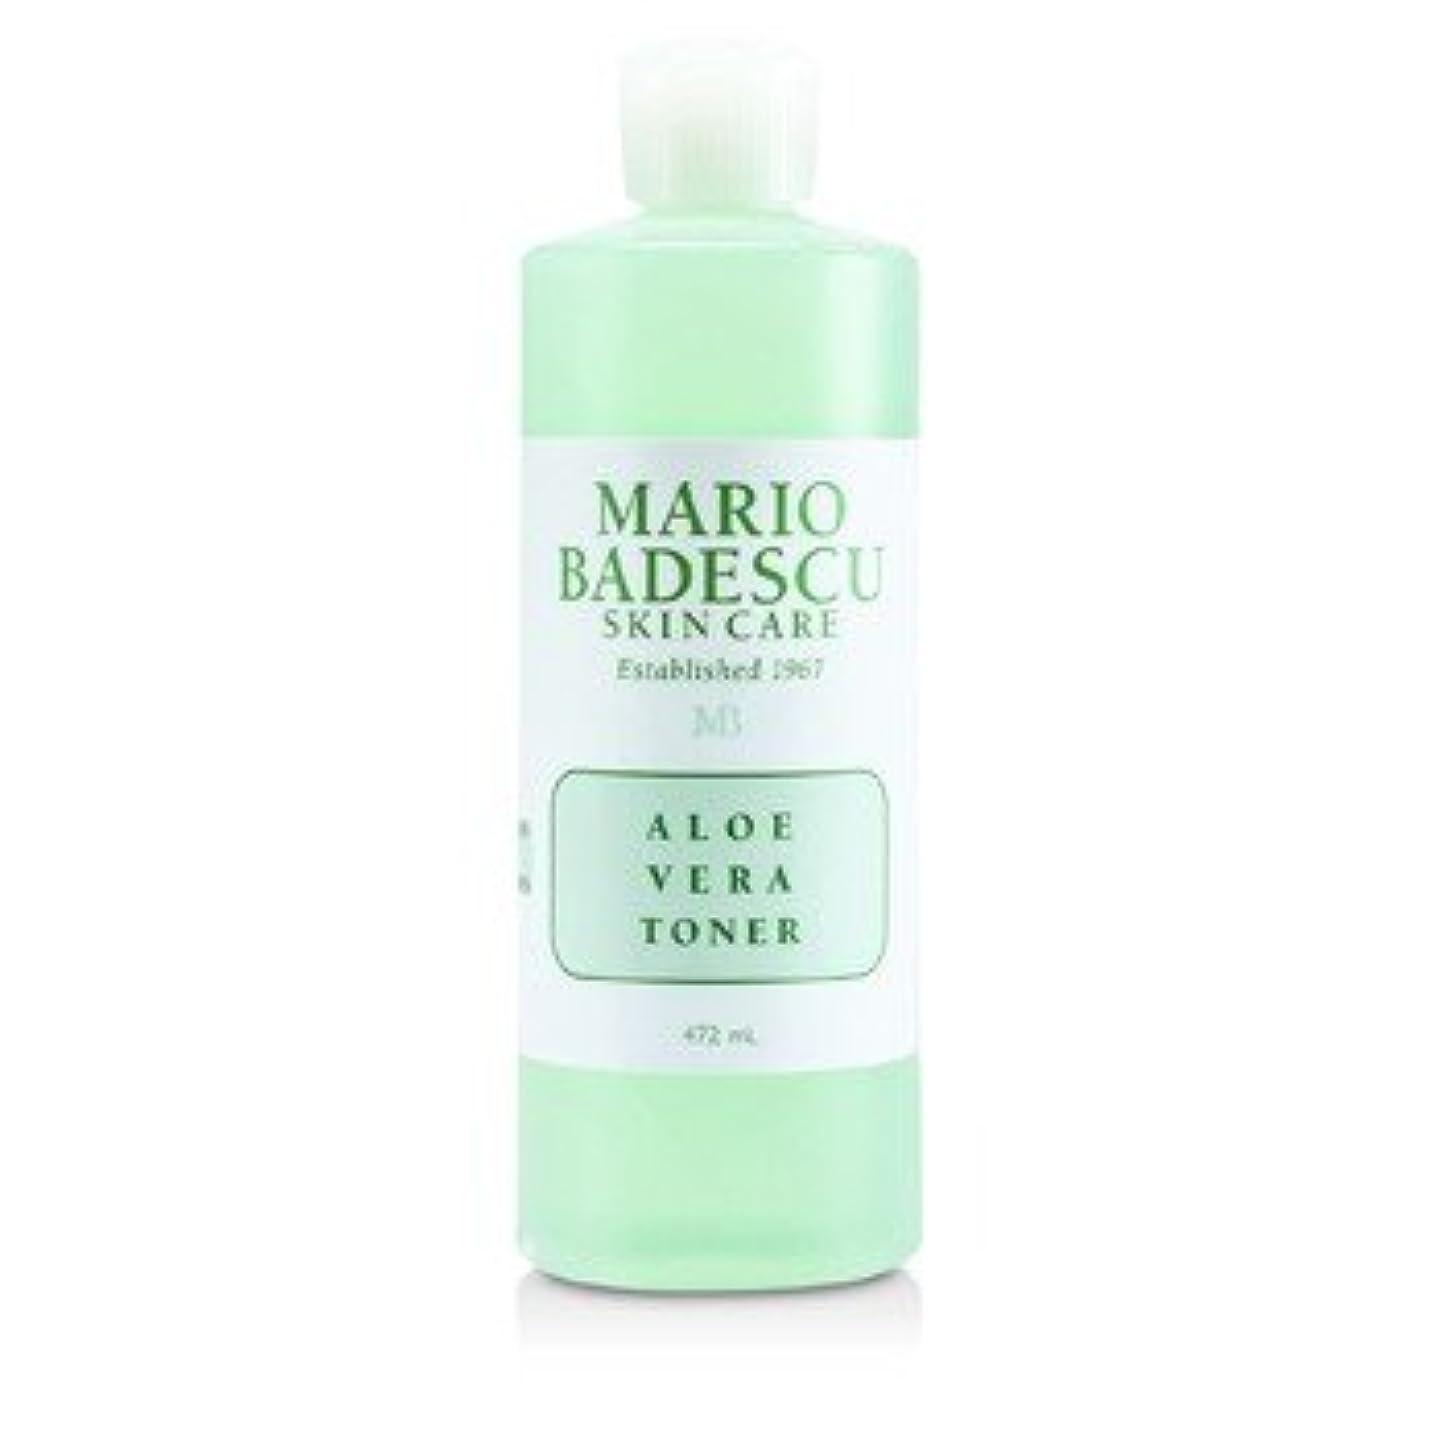 関税良性忍耐[Mario Badescu] Aloe Vera Toner - For Dry/ Sensitive Skin Types 472ml/16oz